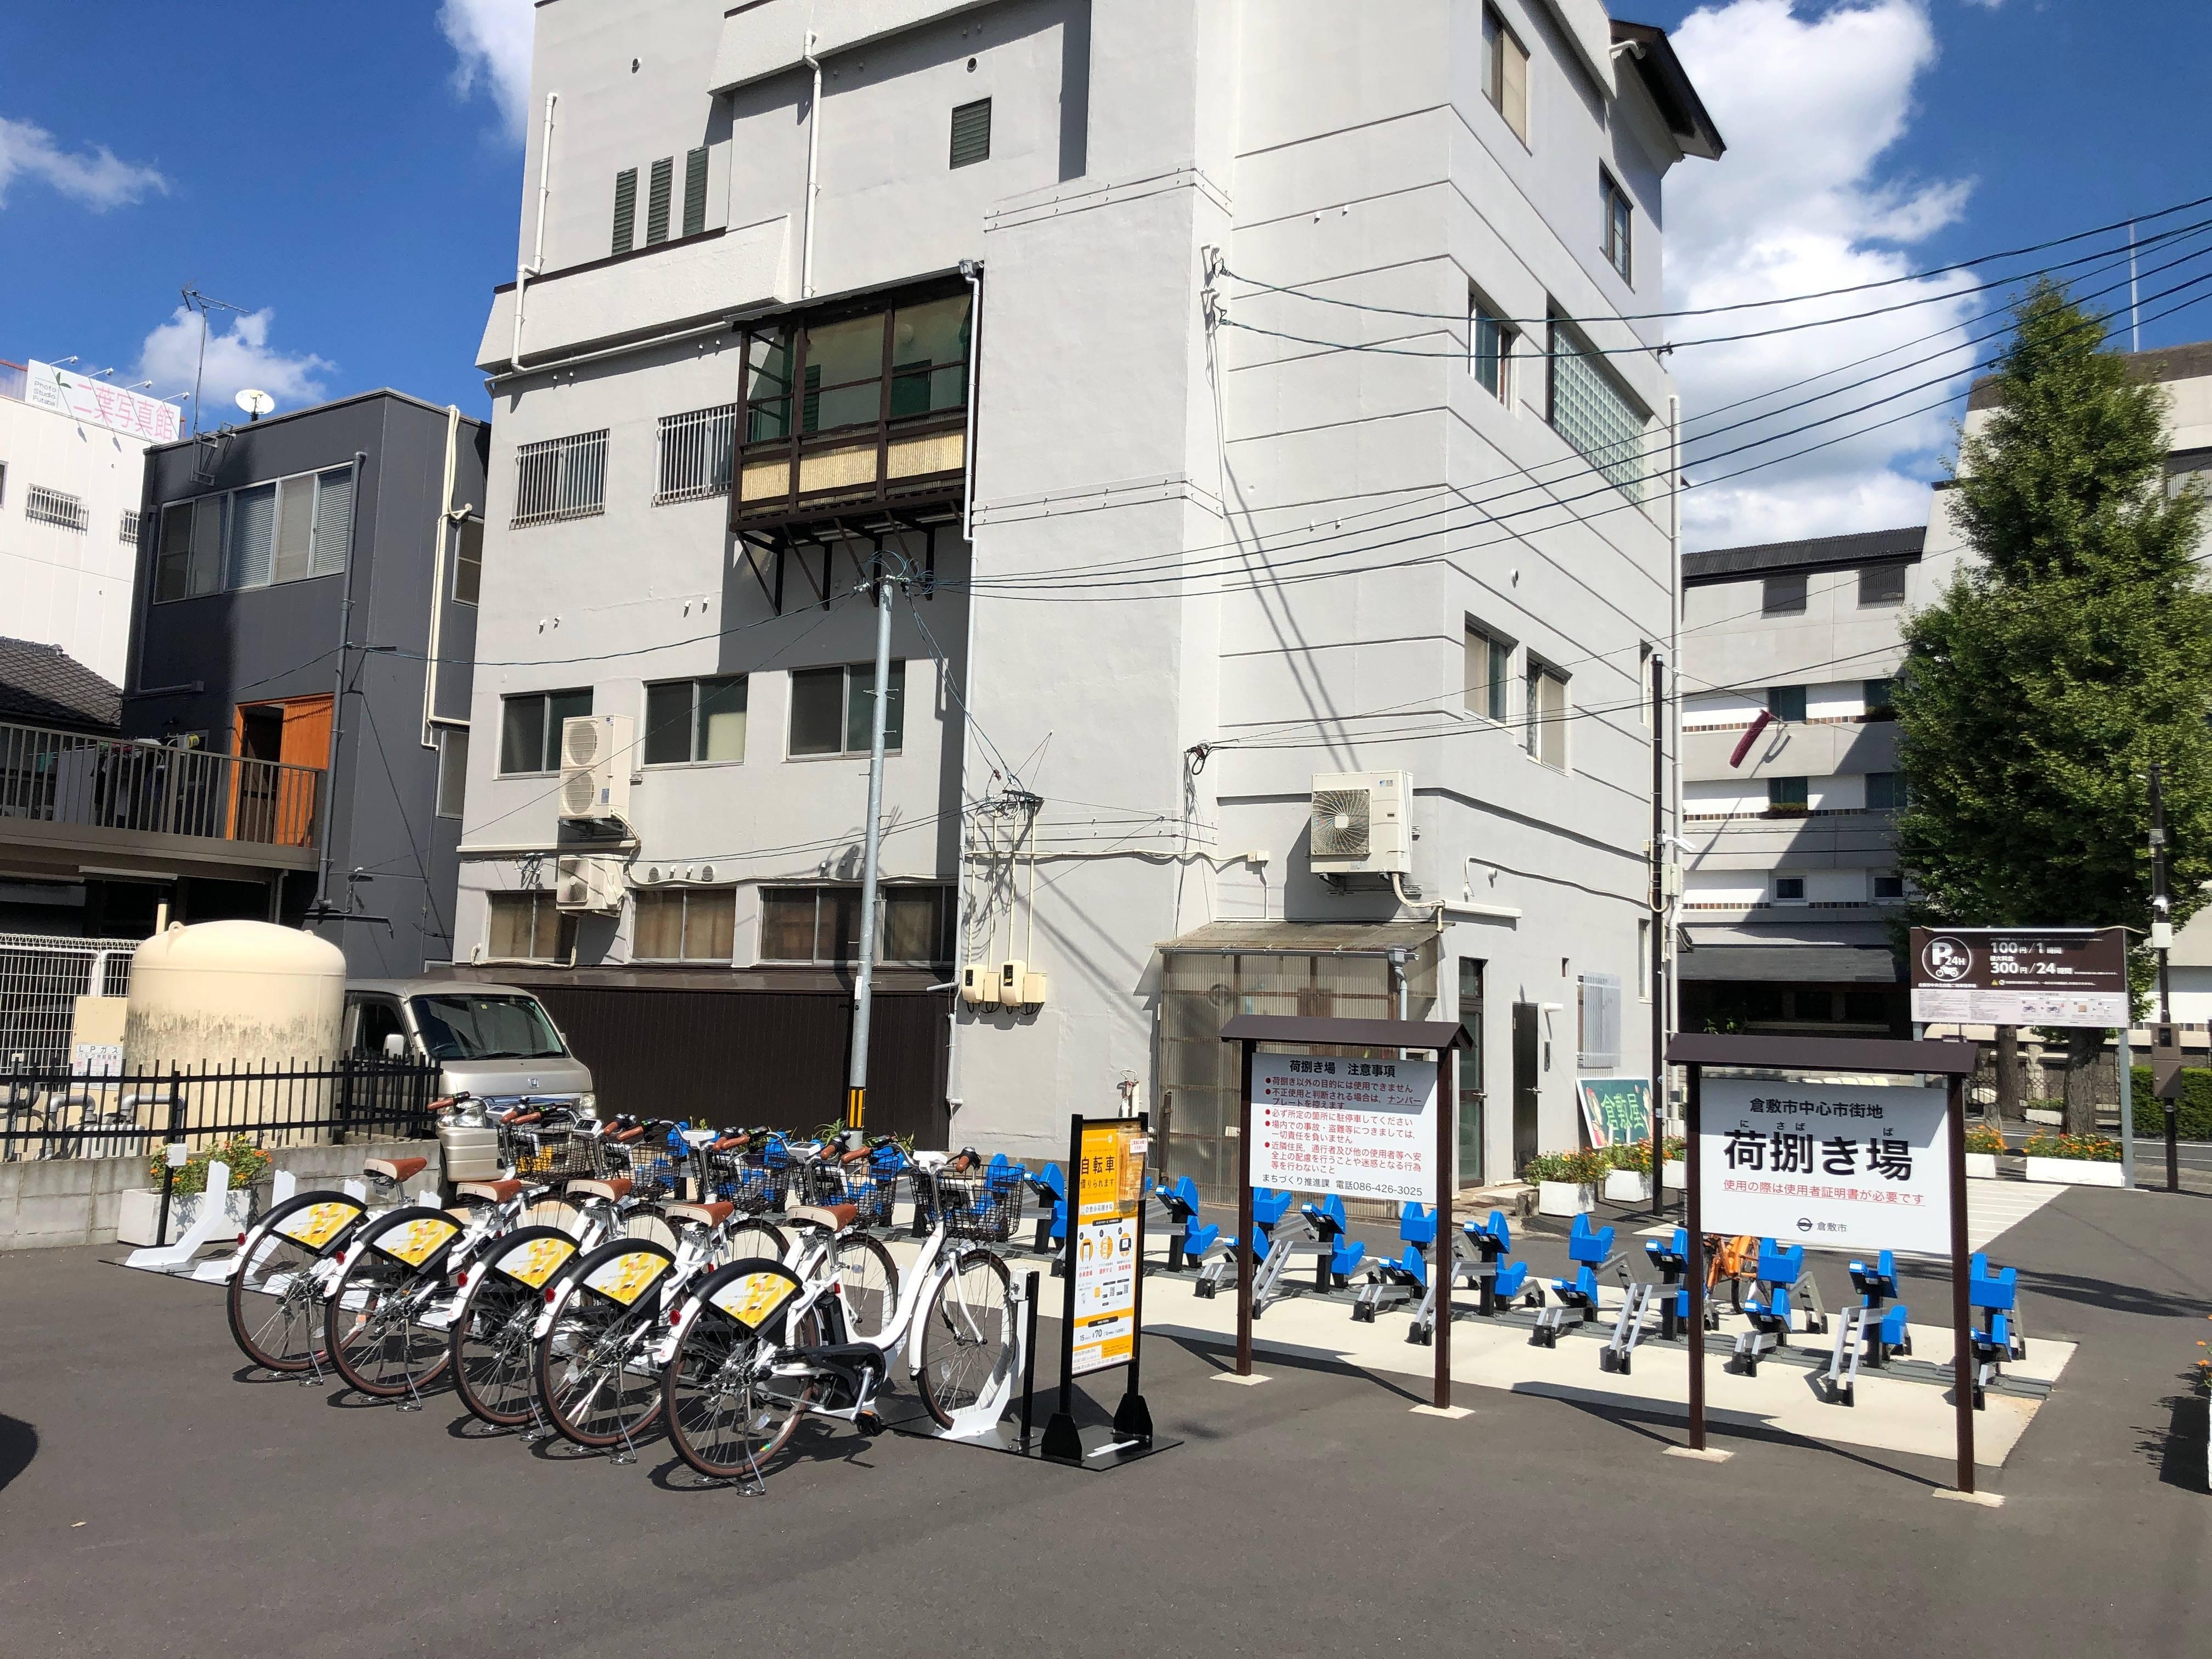 倉敷市荷捌き場 (HELLO CYCLING ポート) image